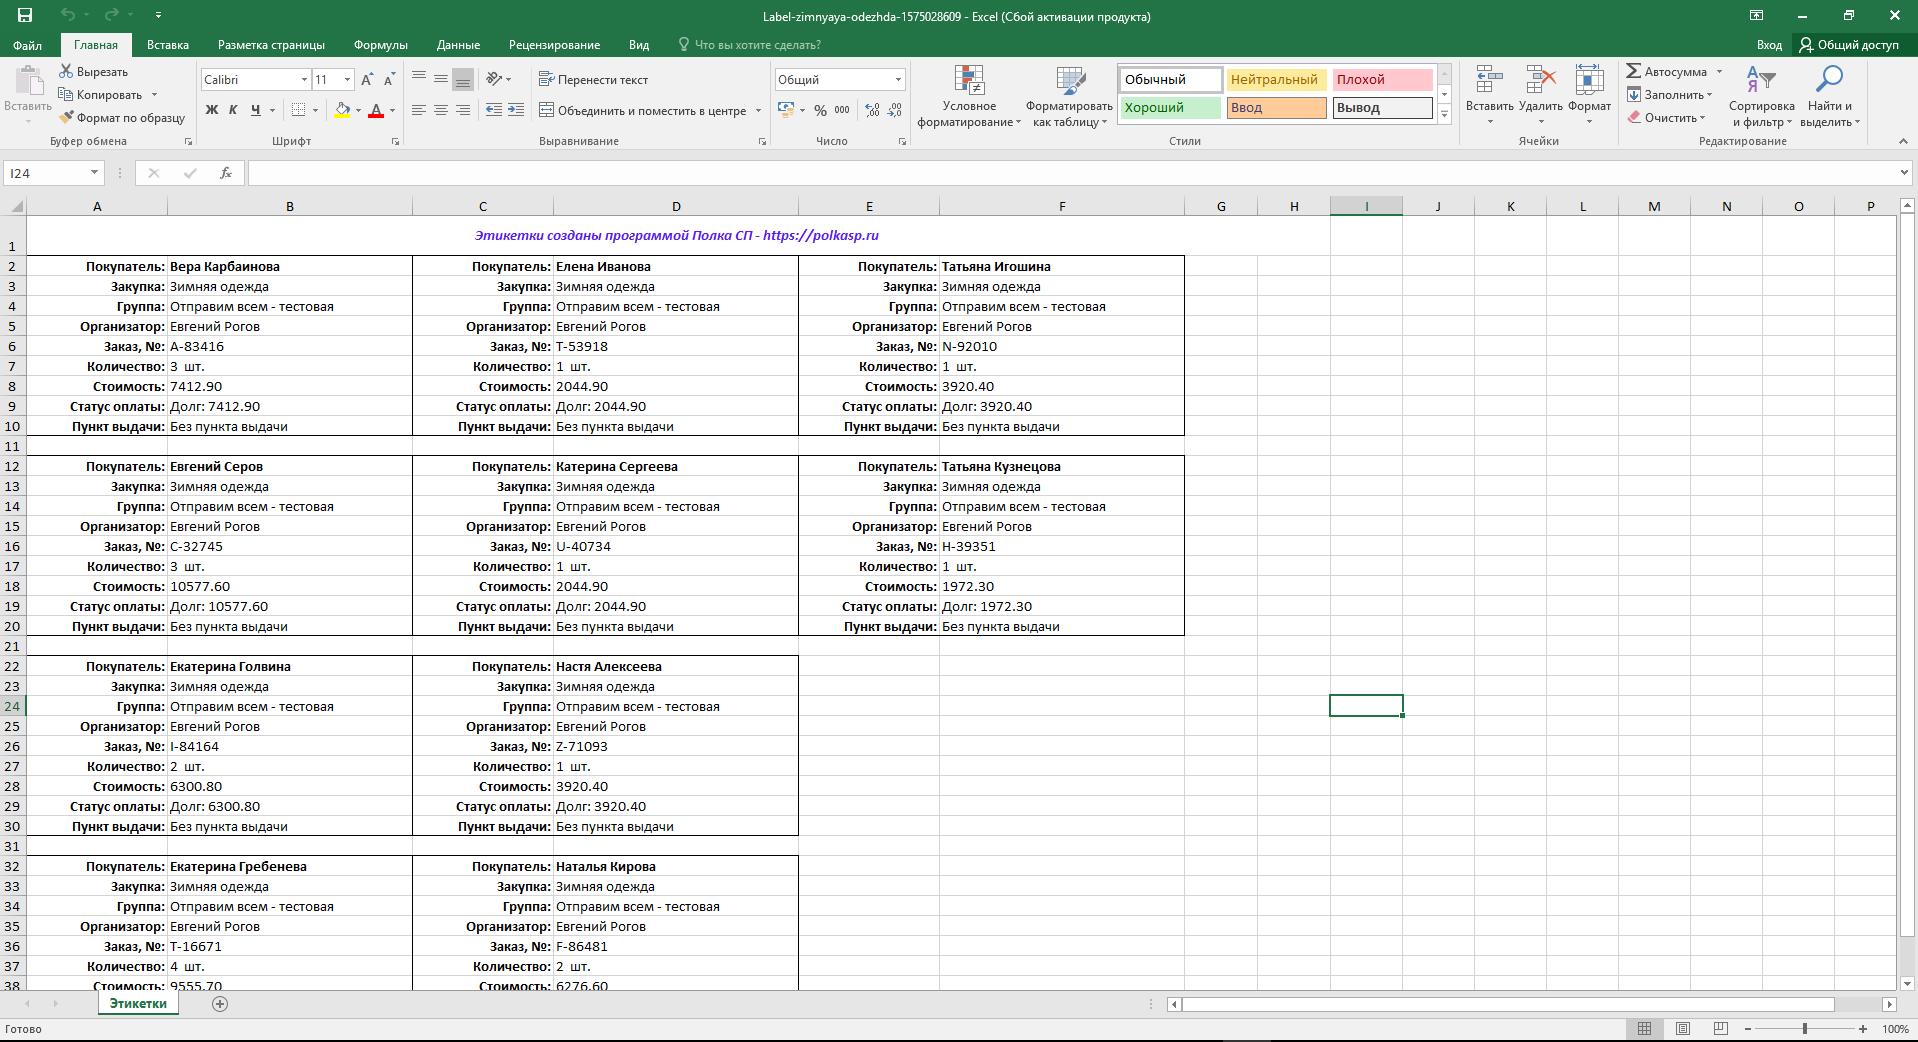 Формат экспортированных этикеток в Excel